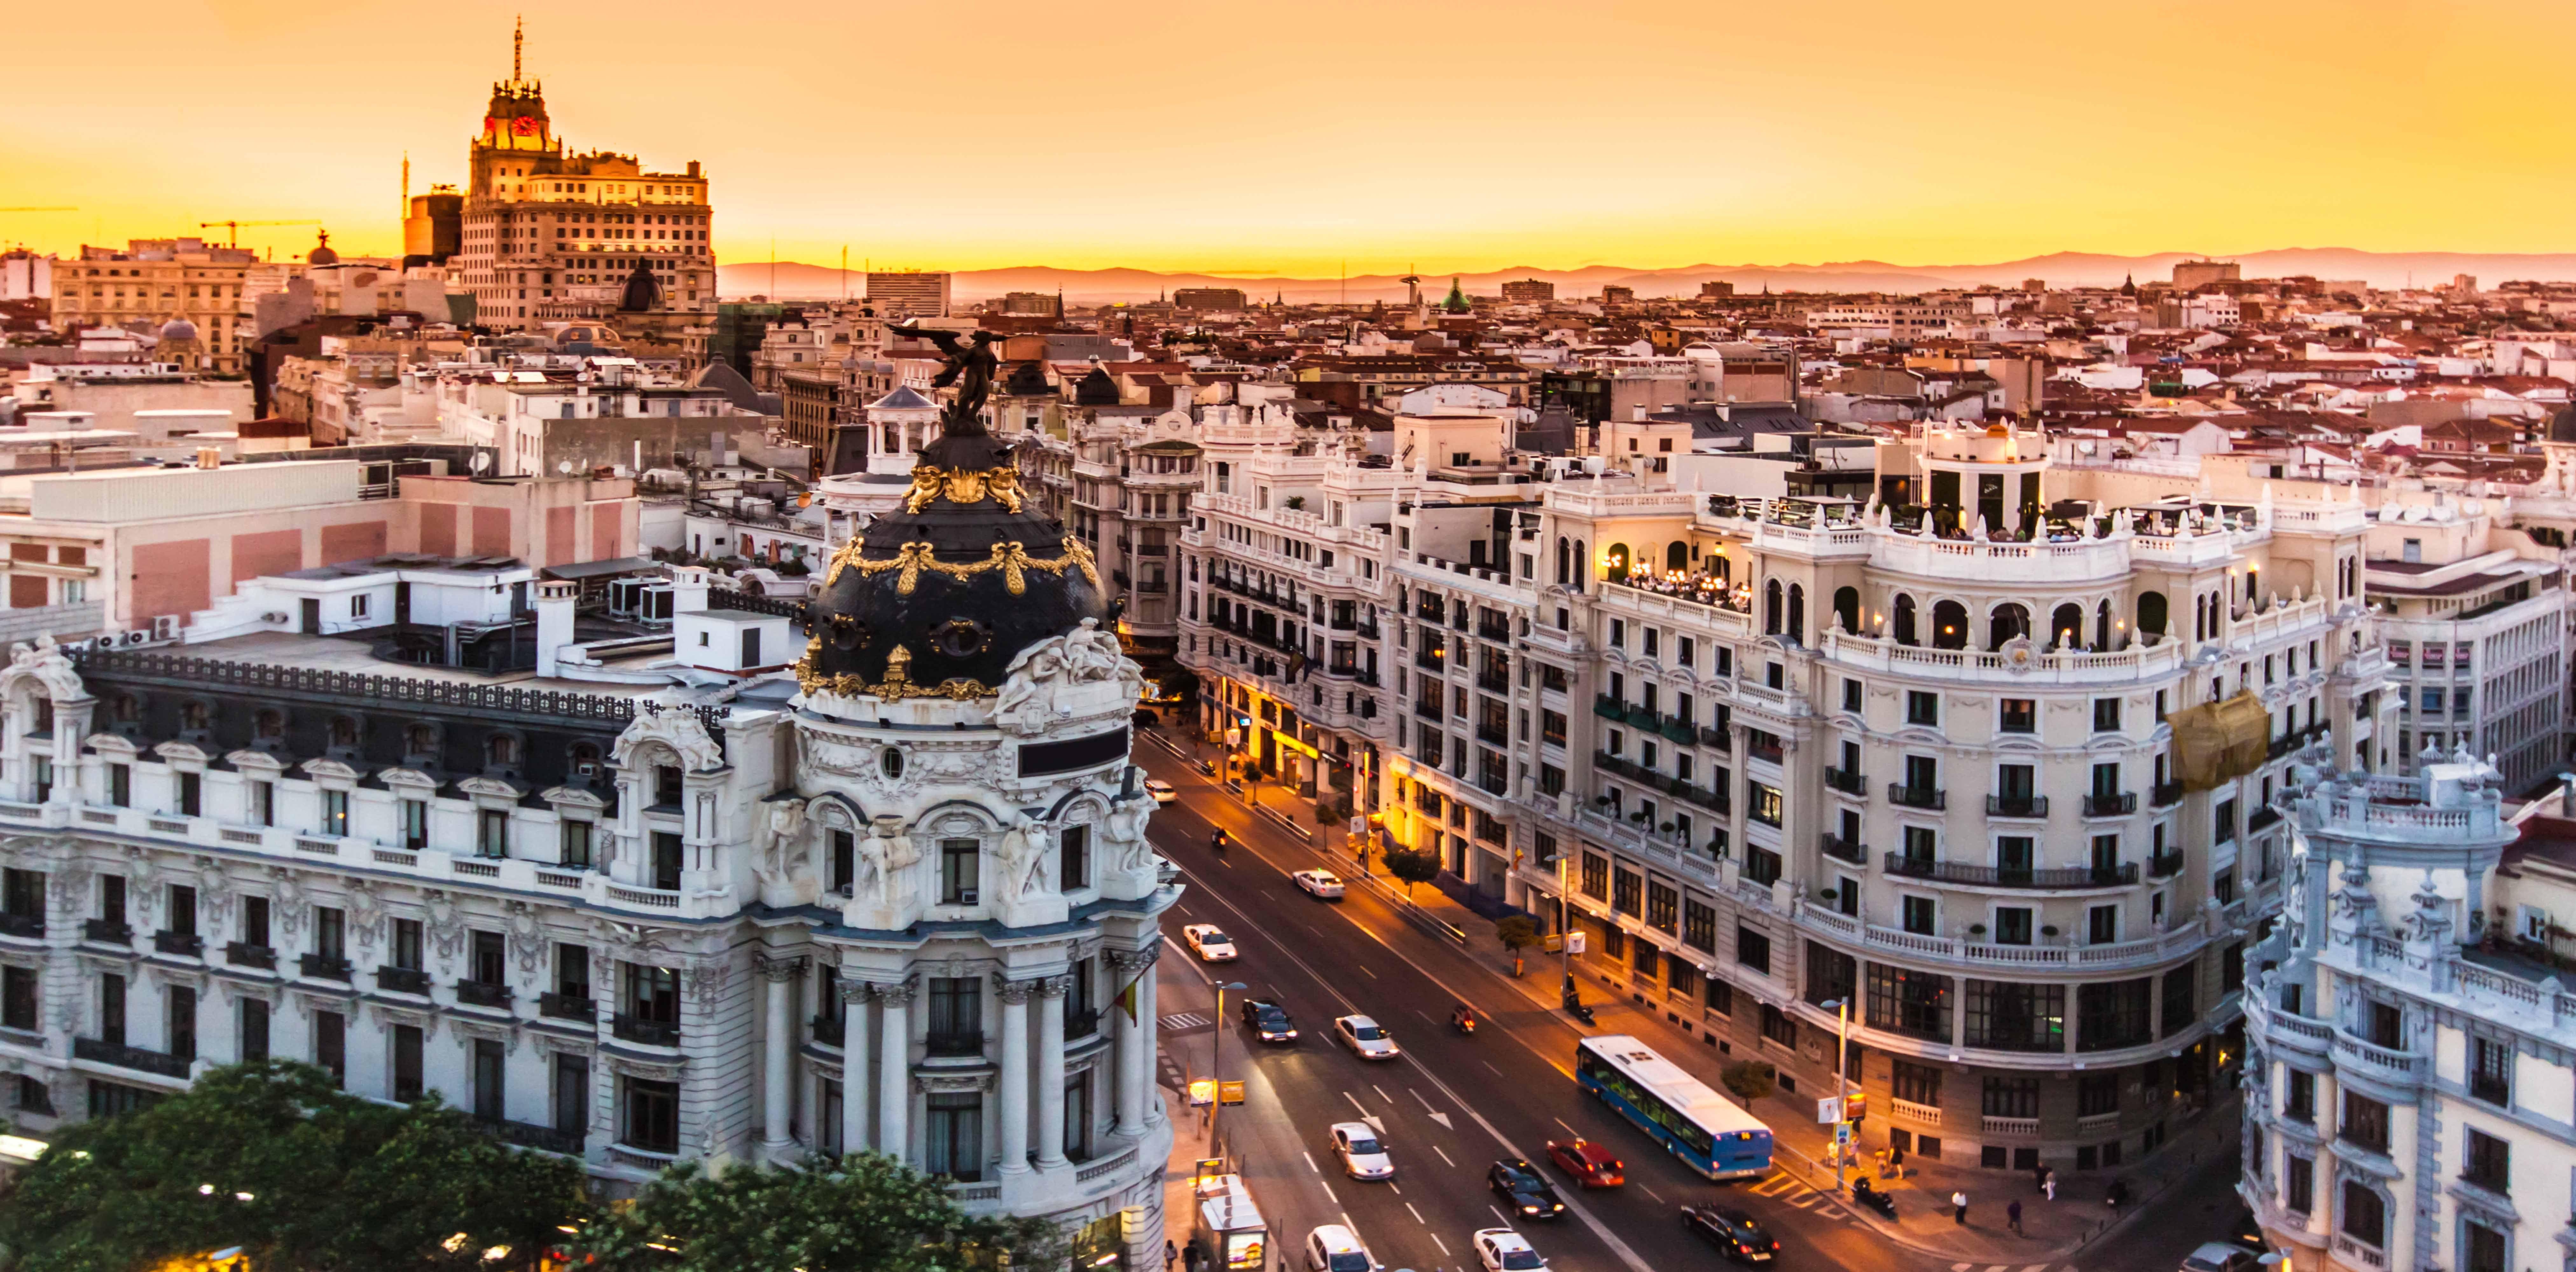 ¿Cuál es uno de los mayores problemas ambientales que está sufriendo la ciudad de Madrid?